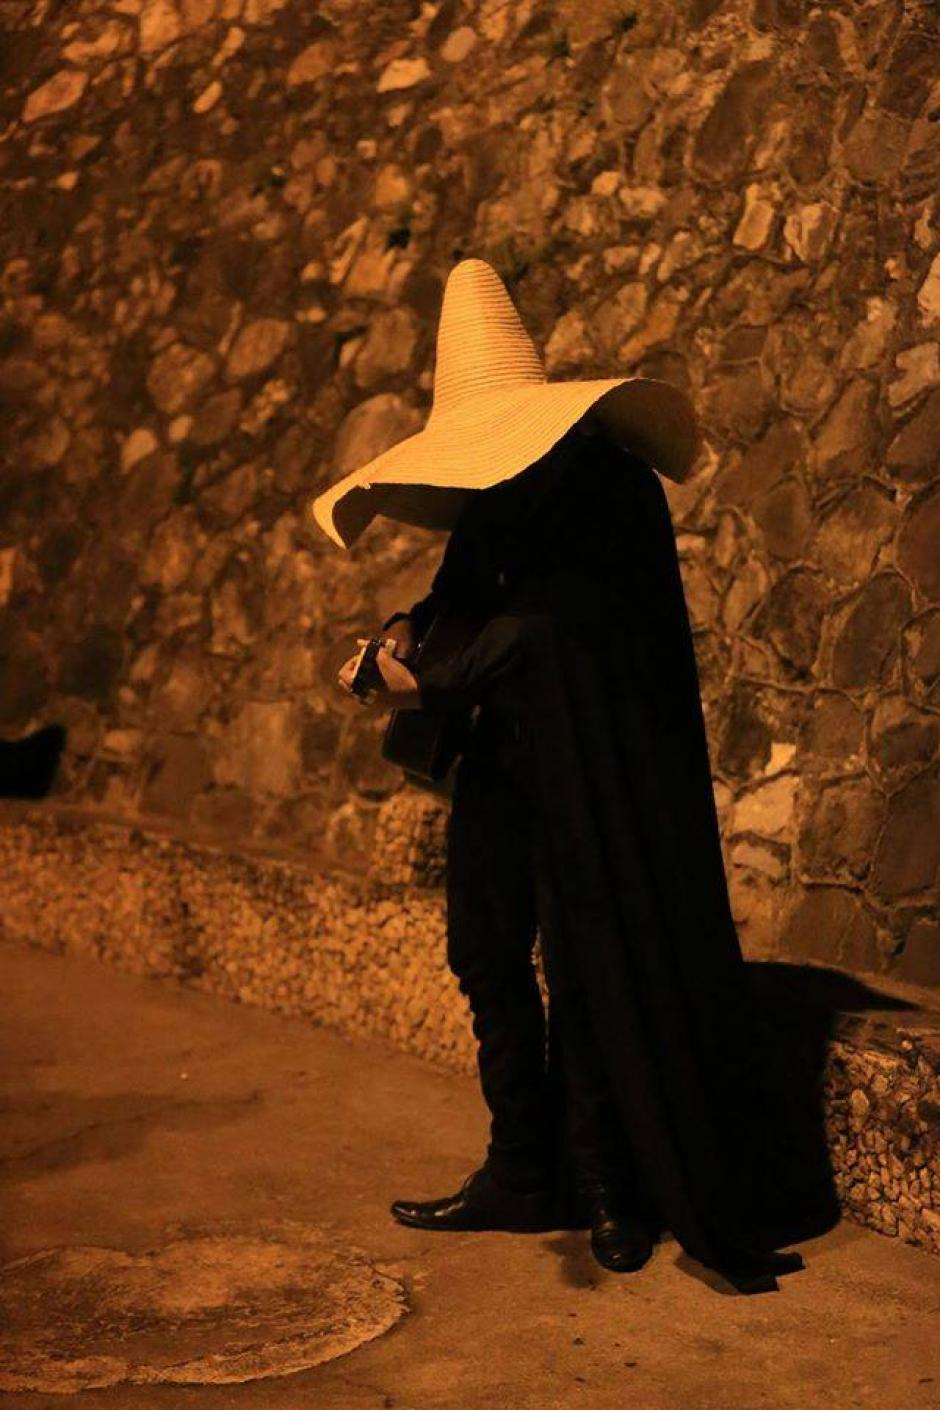 El Sombrerón se enamora de las hermosas mujeres. (Fotos: Peter Agustín y Héctor Gómez)